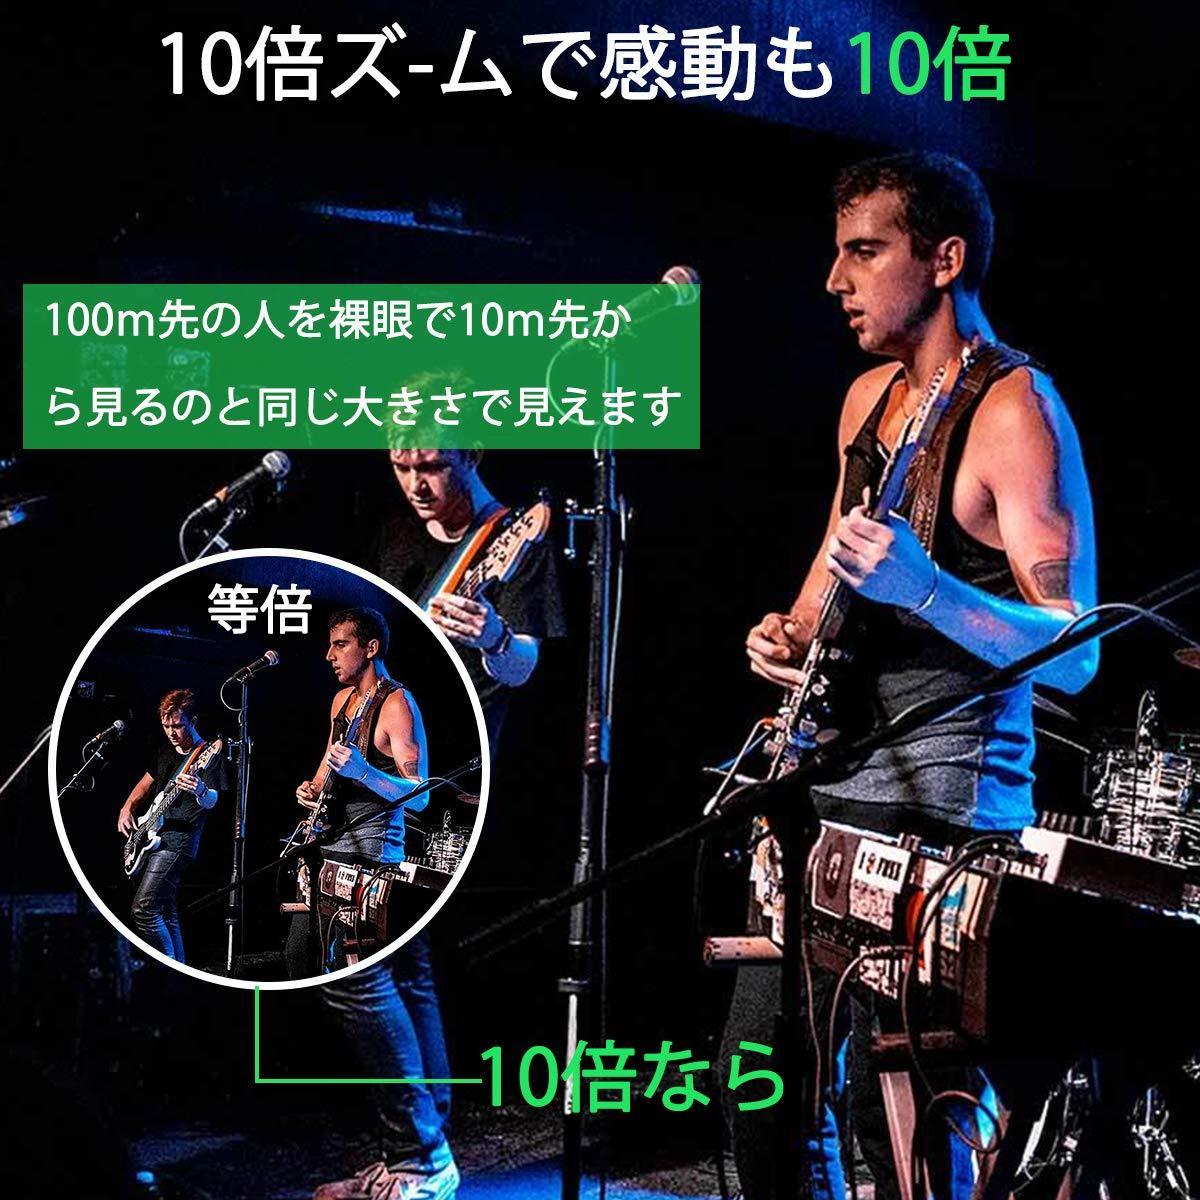 双眼鏡 コンサート 12倍 高倍率 12×25 広視野 高解像度 オペラグラス 人気 軽量 小型 防水 防振双眼鏡 日本語説明書付き (ブラック)_画像6